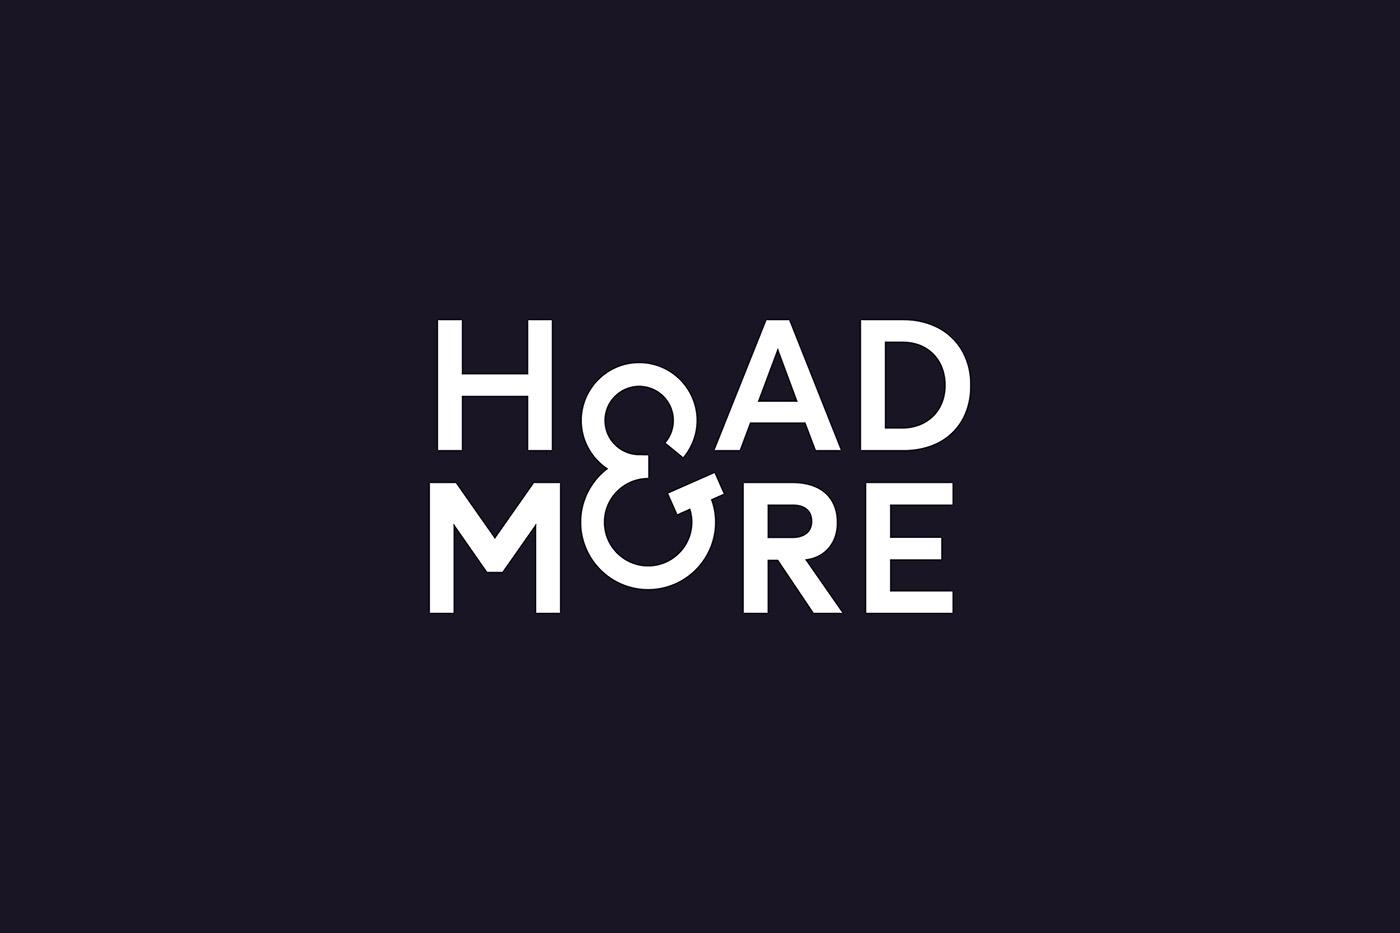 Hoad & More logo design